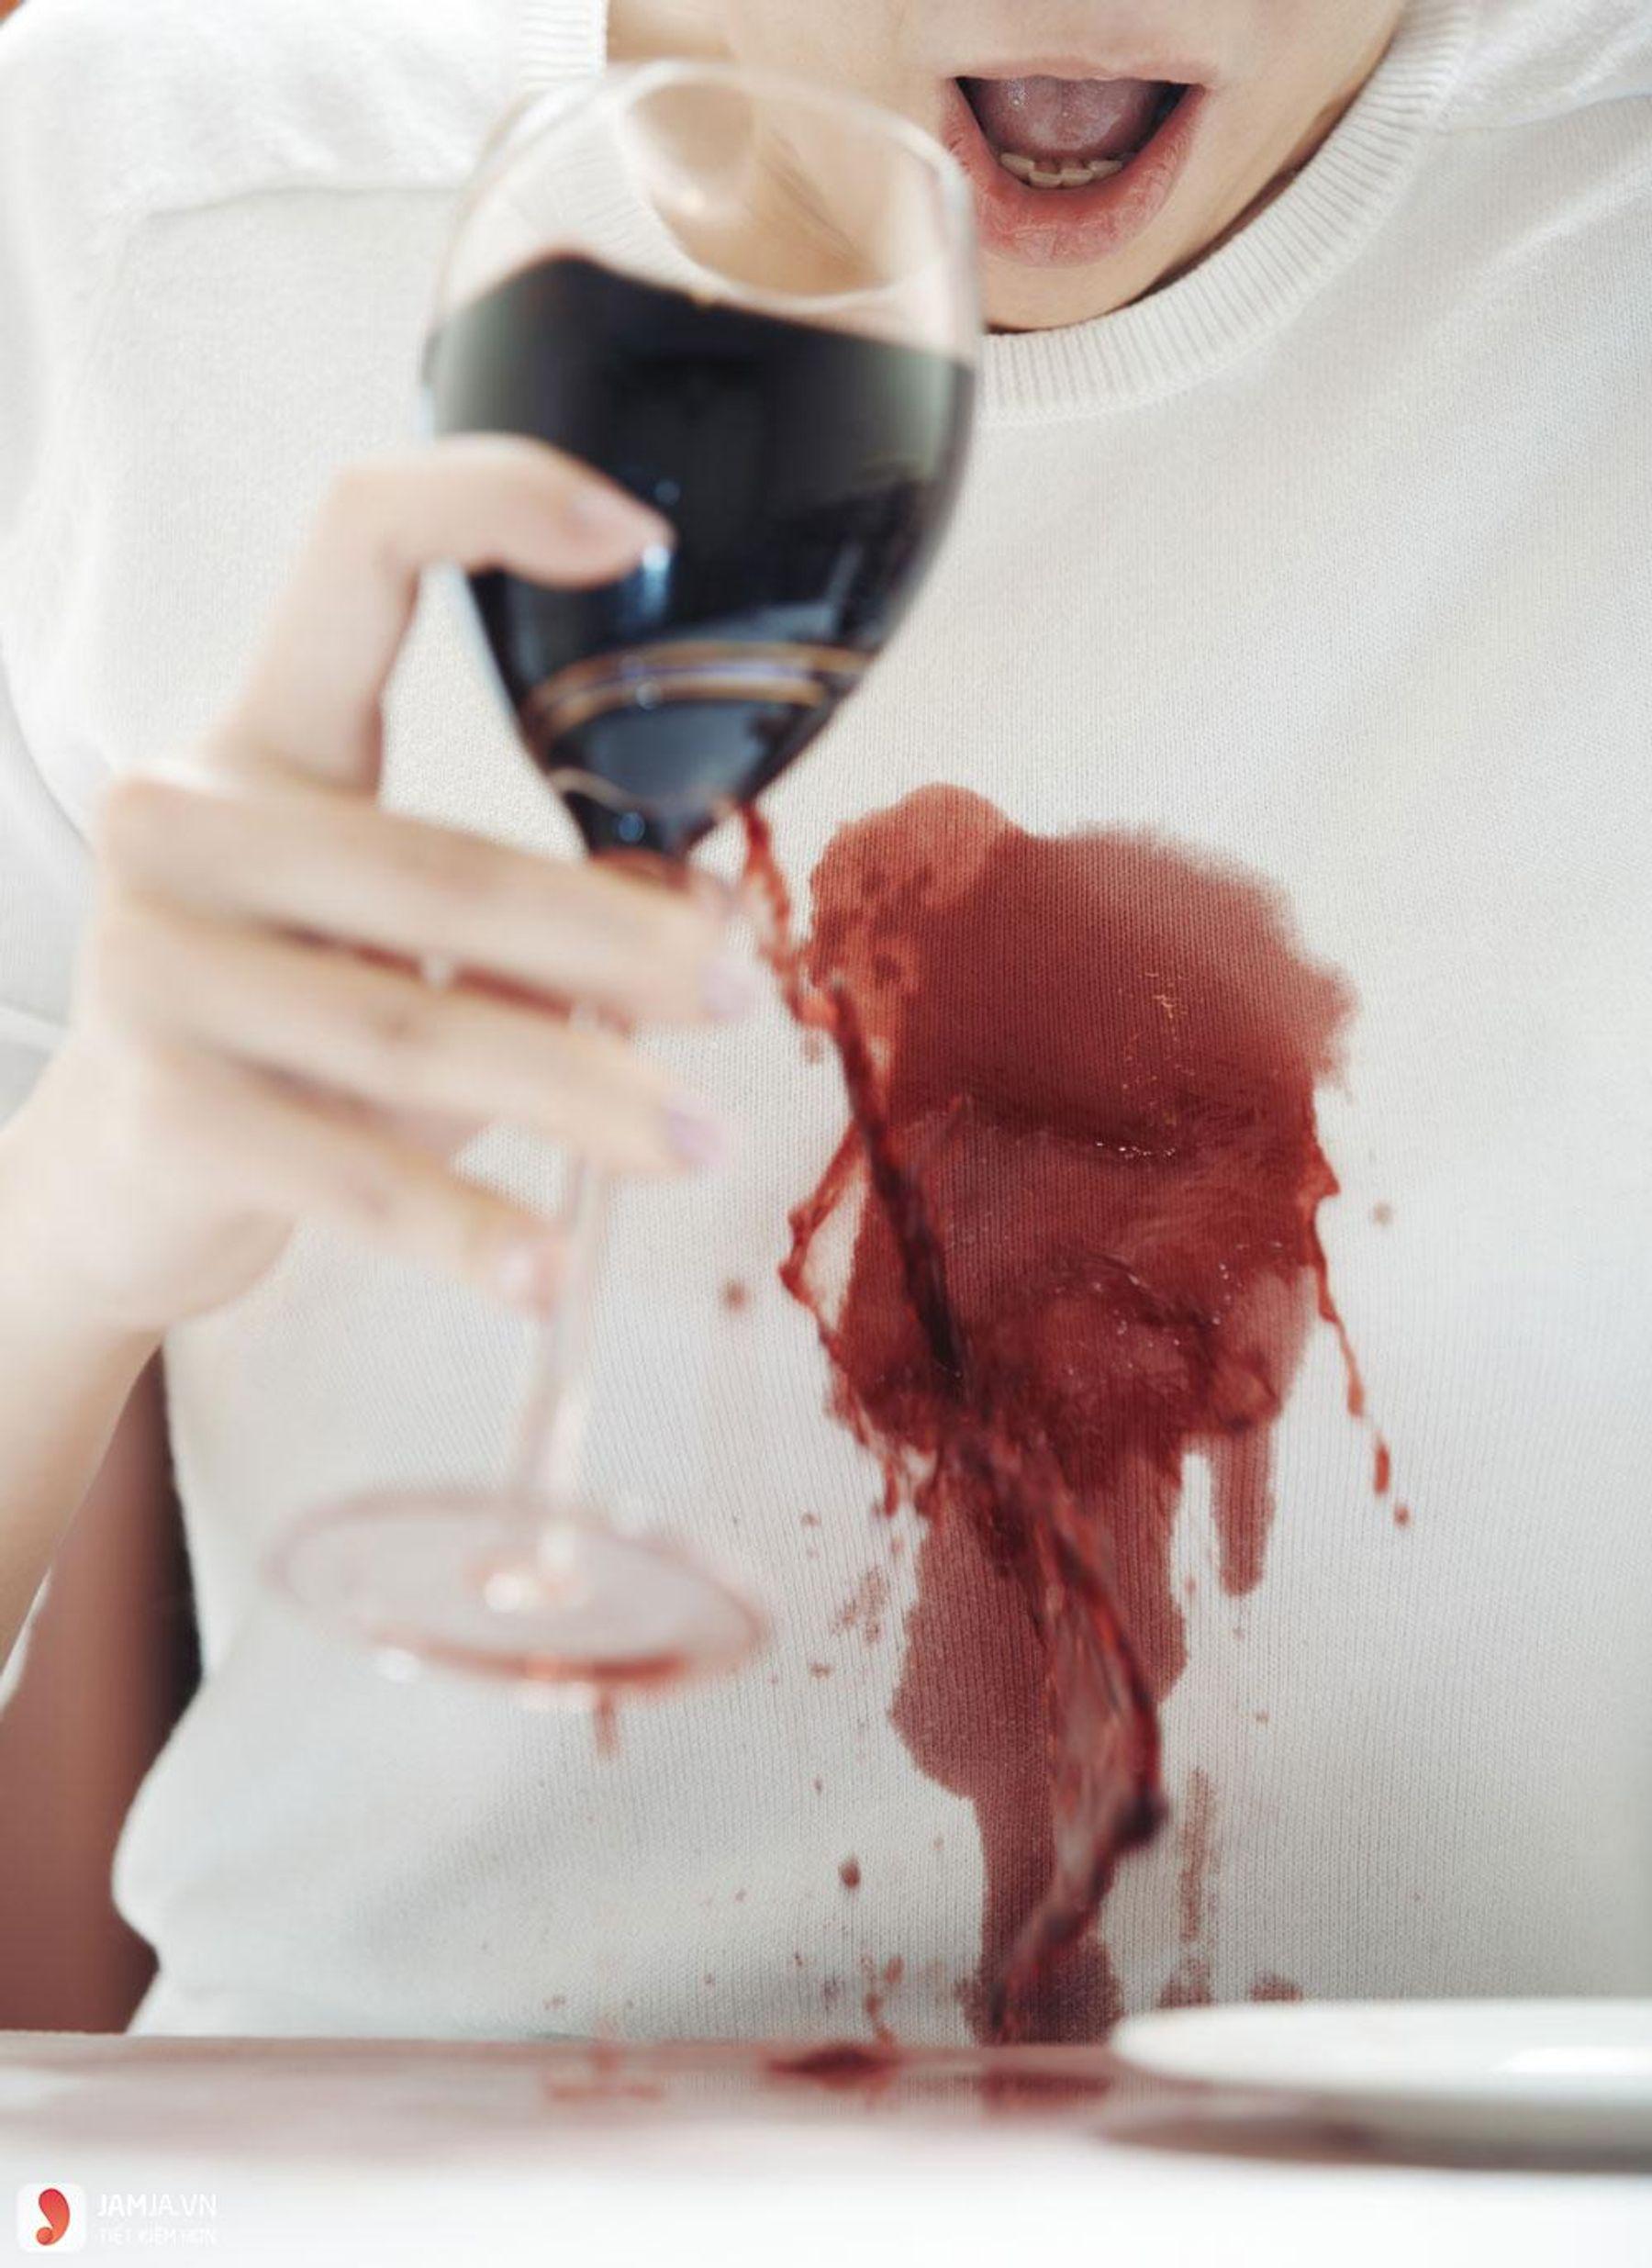 Step 10: Cách tẩy vết rượu vang trên áo trắng bằng baking soda